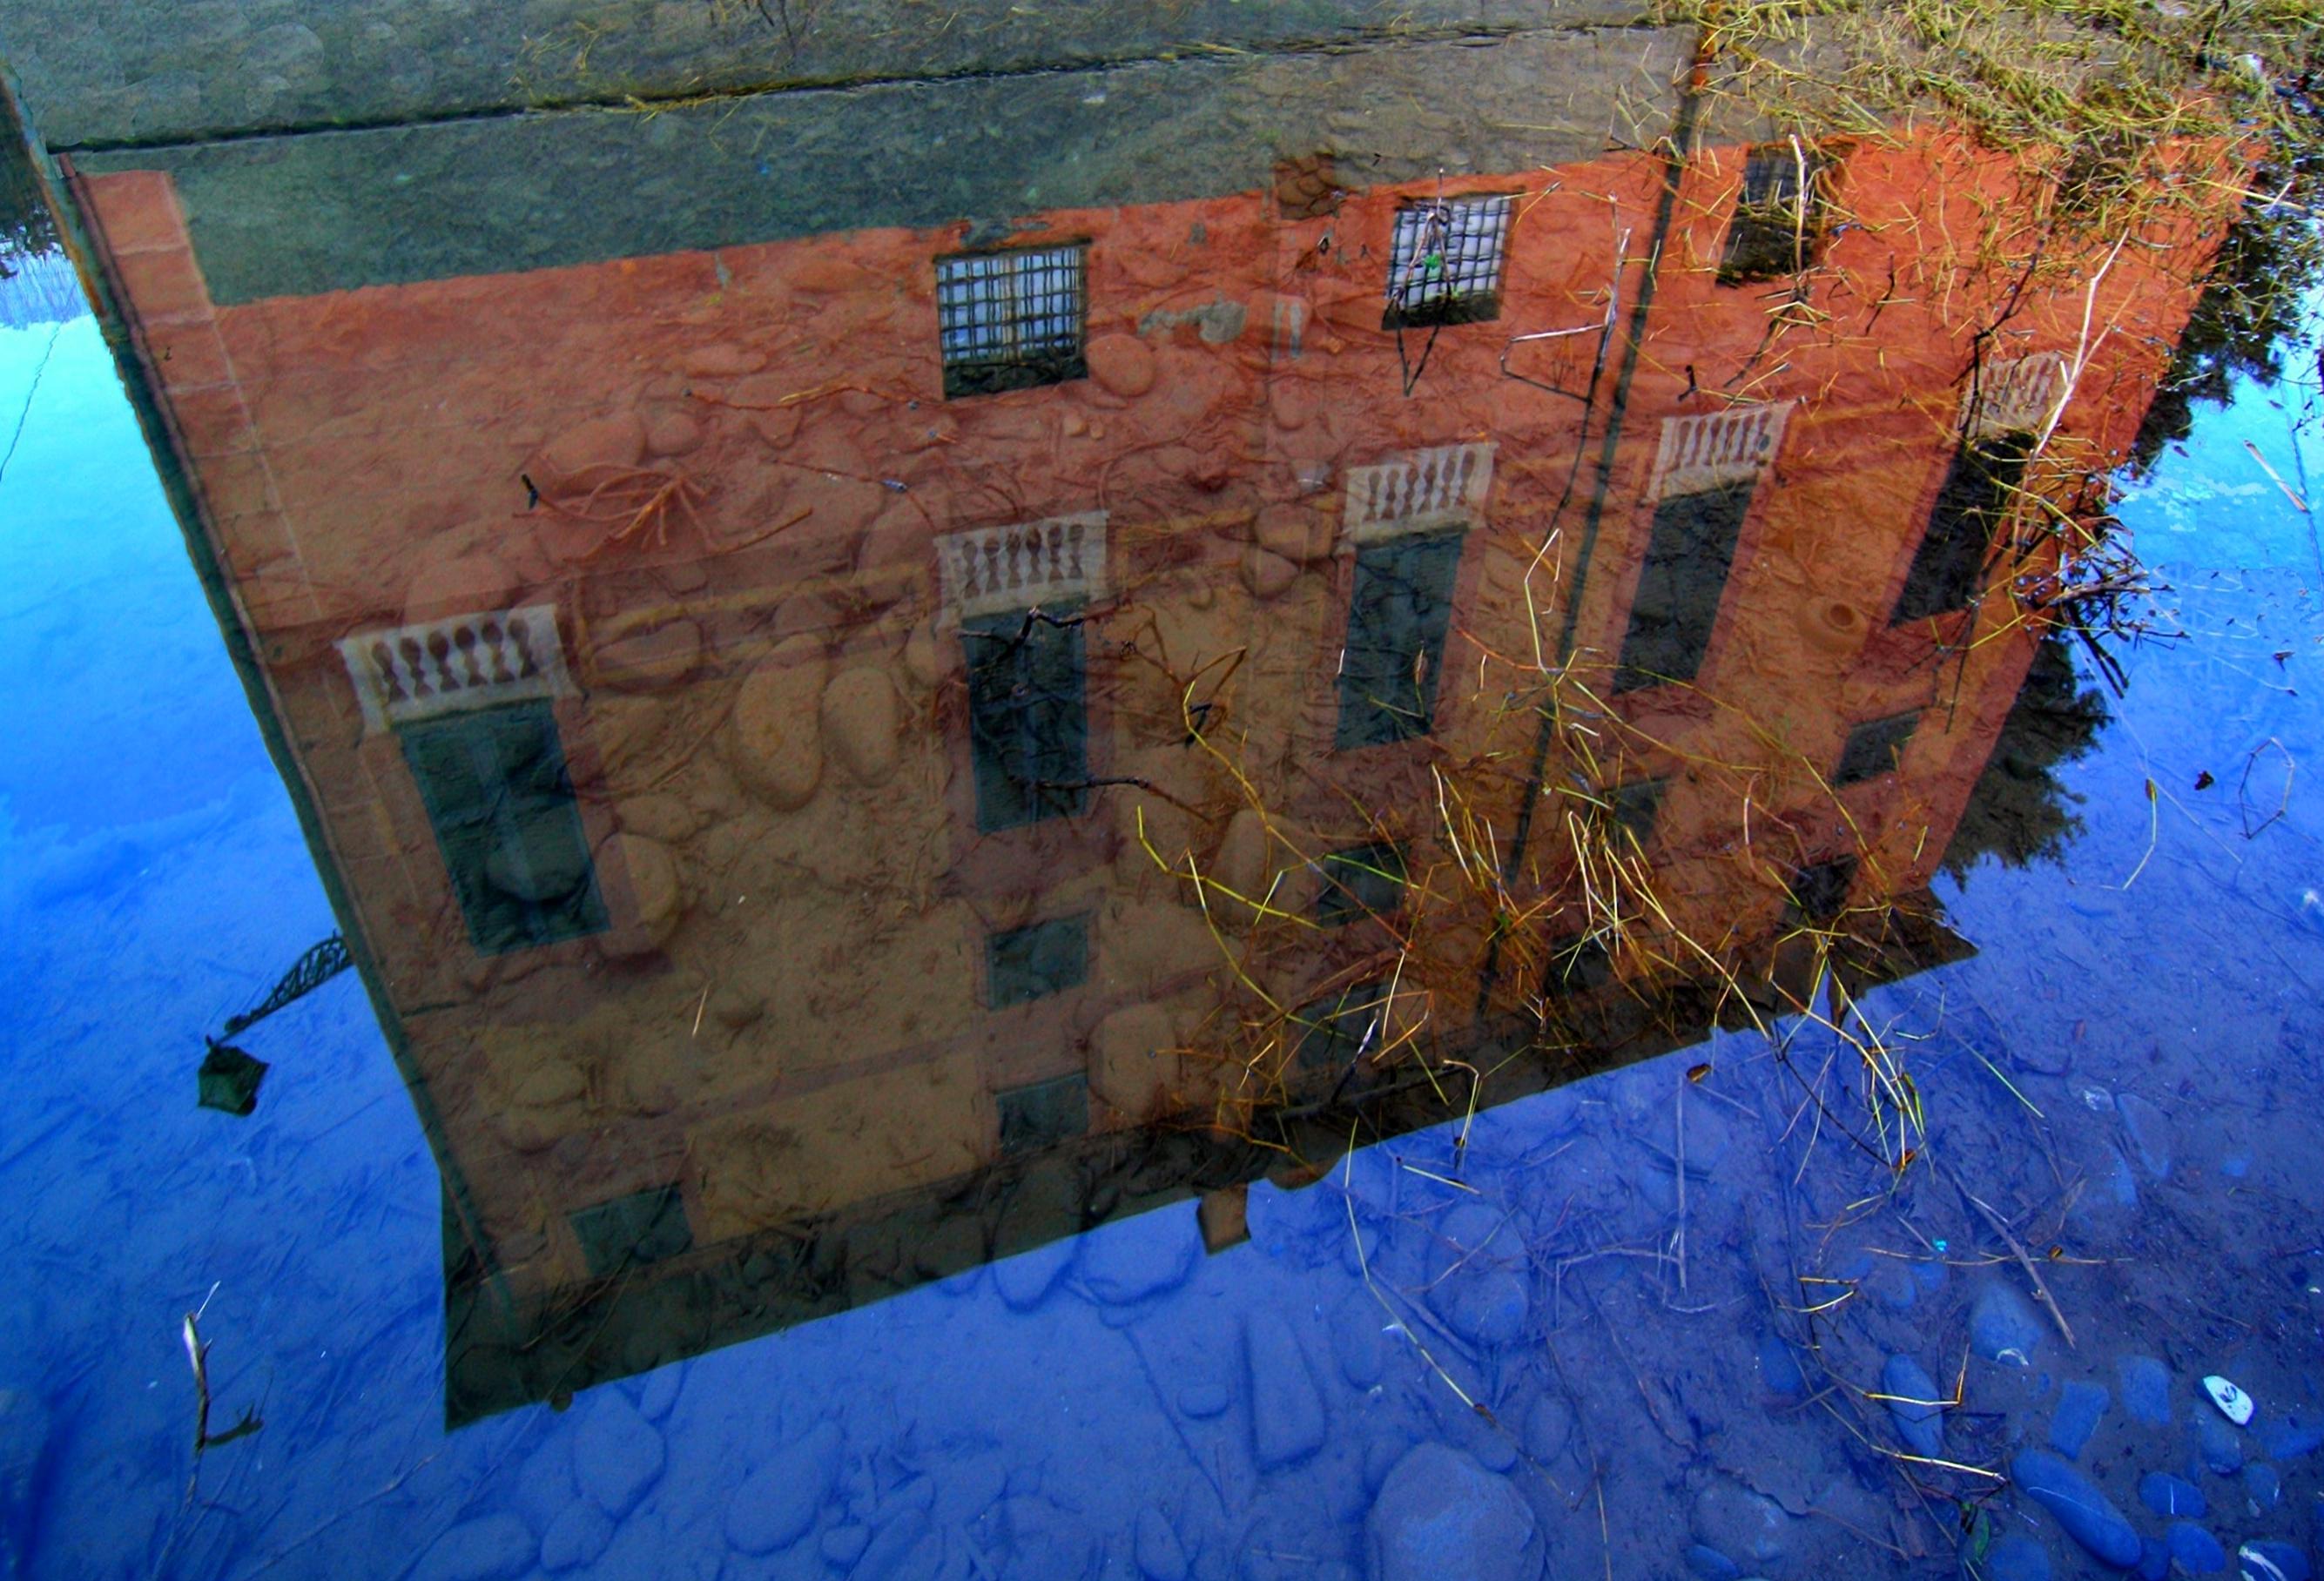 Parete Dacqua In Casa : Sfondi acqua costruzione riflessione pietre parete casa